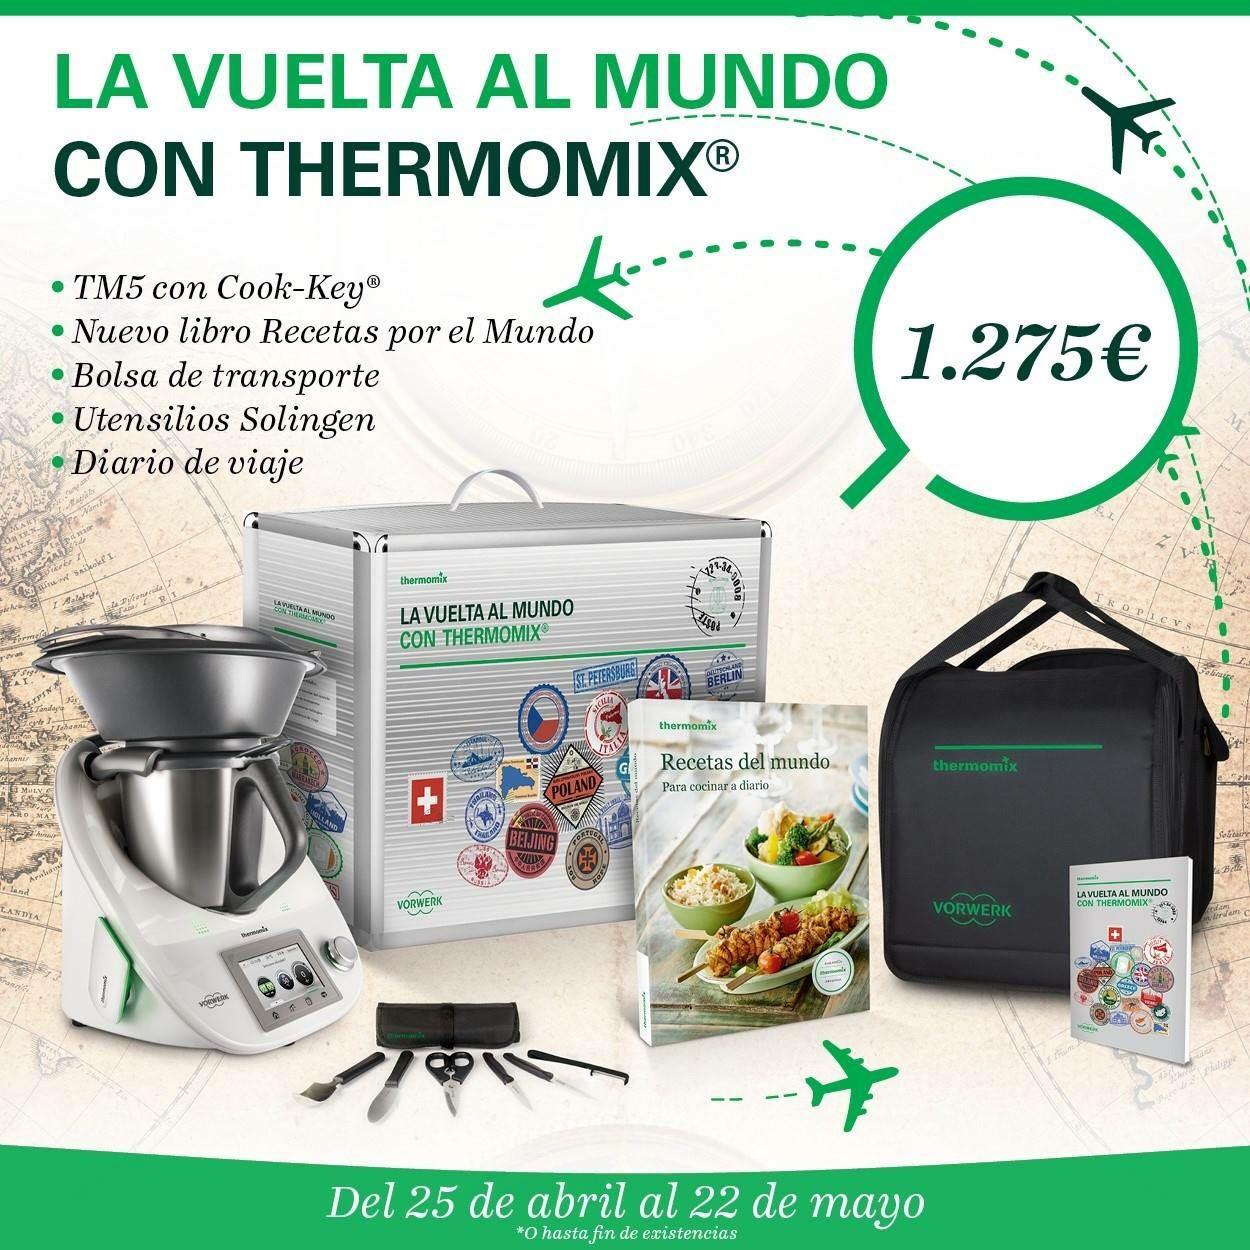 A viajar con Thermomix®